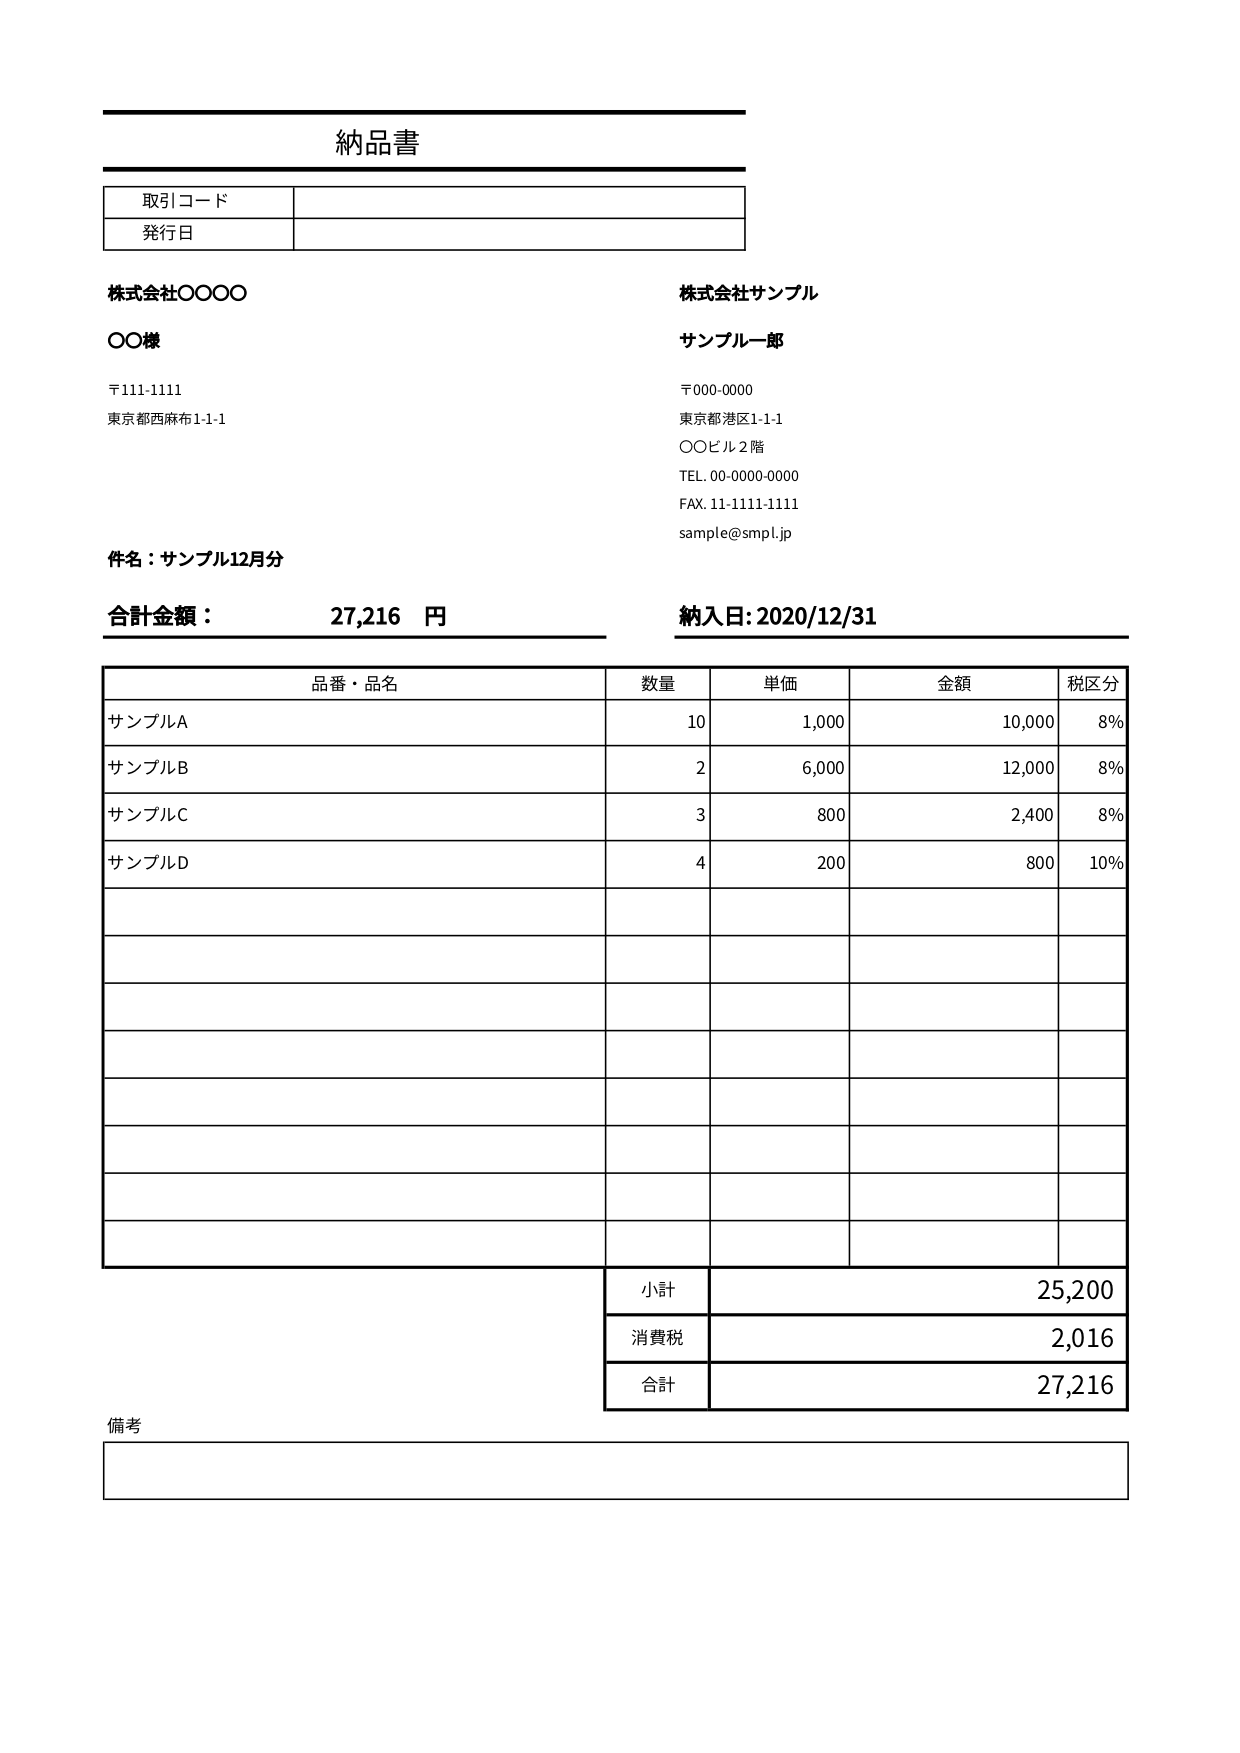 請求書、見積書、発注書、納品書、検収書のエクセル雛形テンプレート無料ダウンロード 発注書のエクセルテンプレート(無料)納品書12 ナカオさんモデル